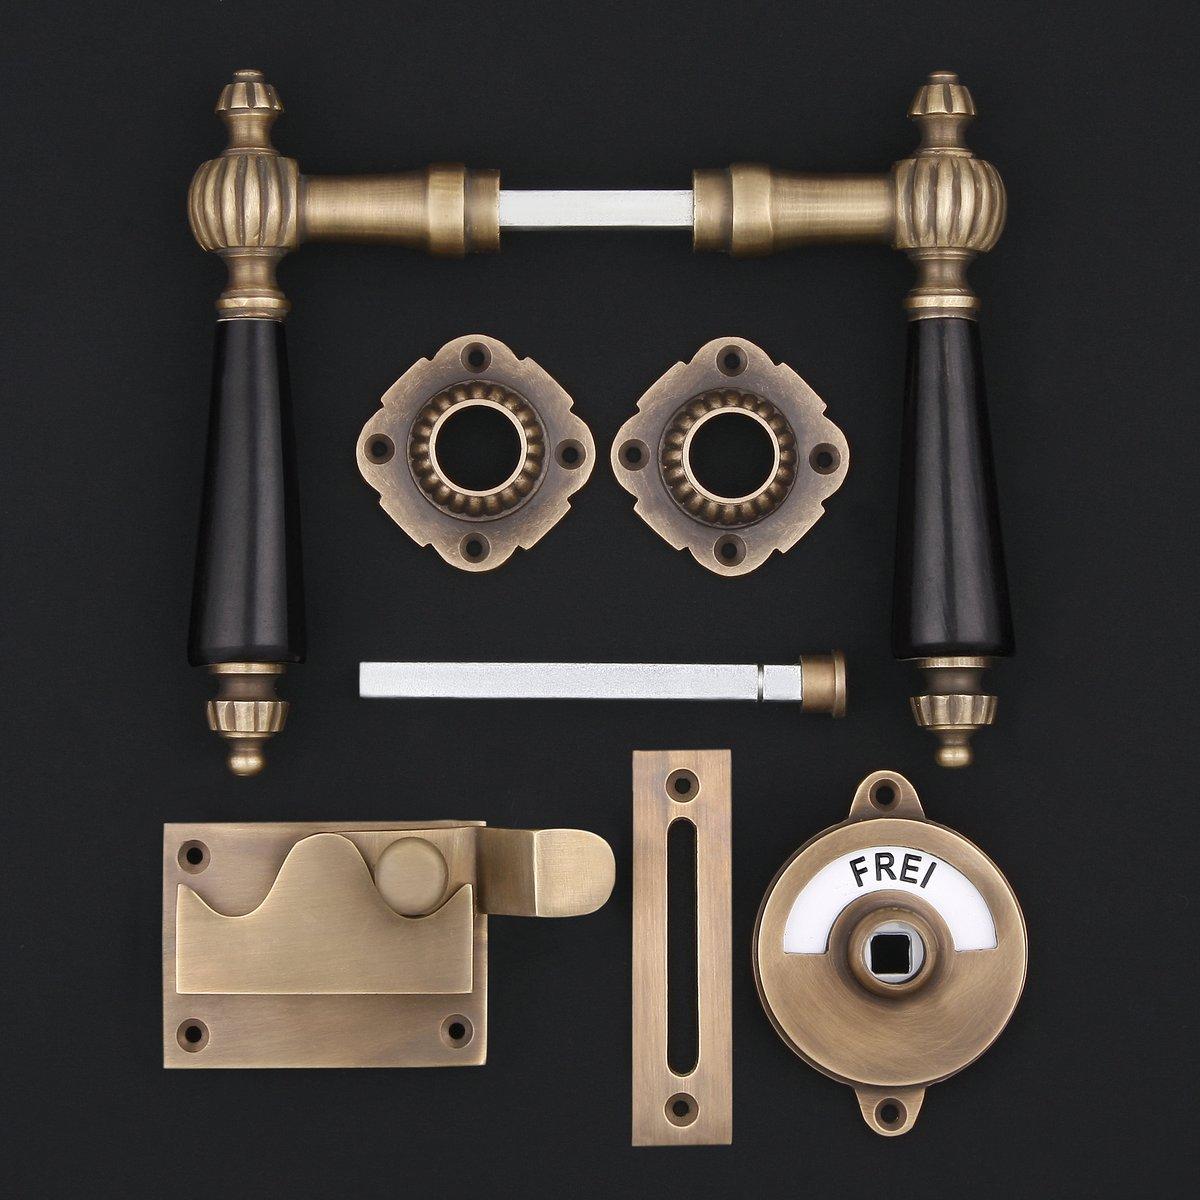 341.0054.45 WC-Zimmertür Rosettengarnitur, Holz- antike Türdrücker, Türklinken, Türbeschläge